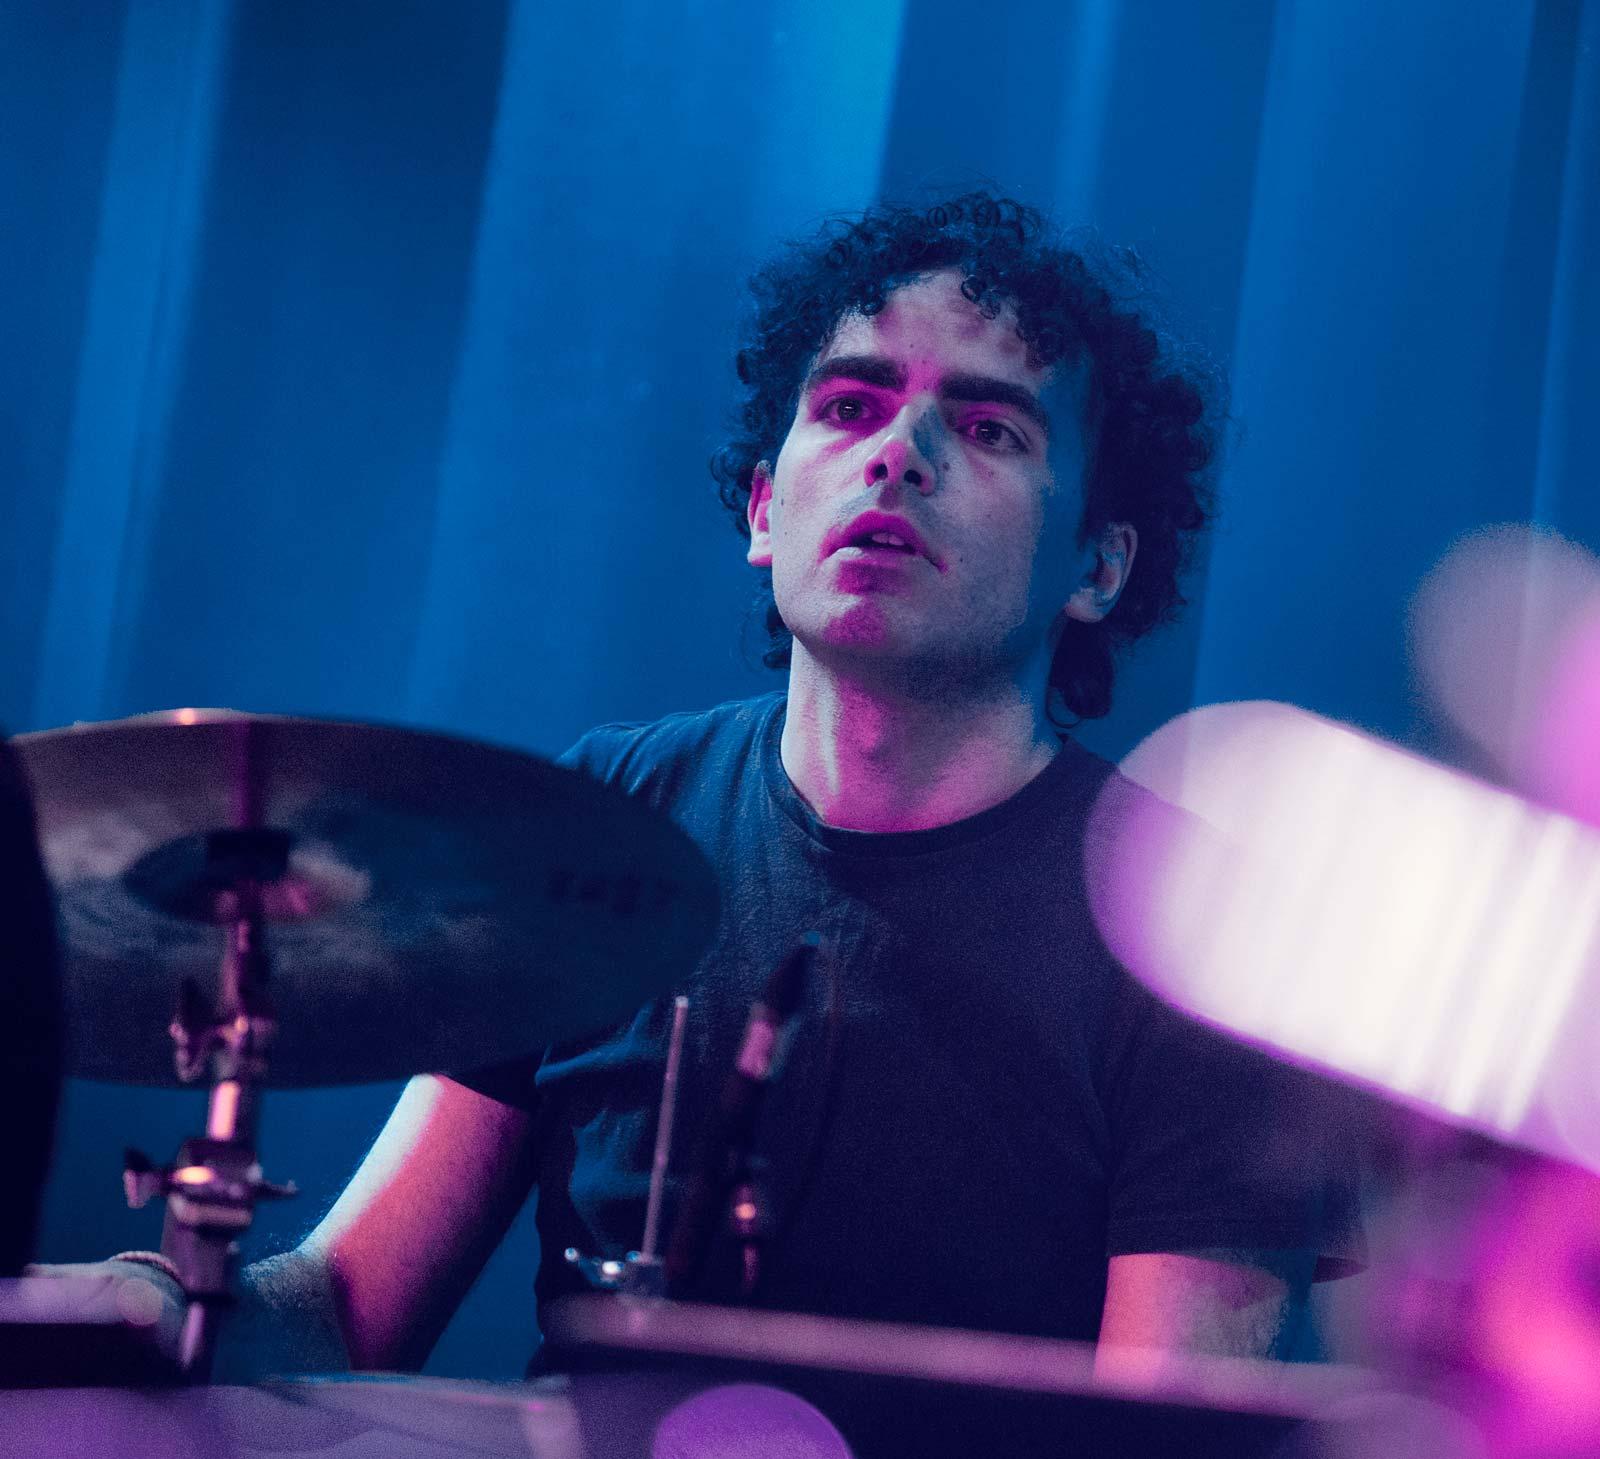 Drummer at concert